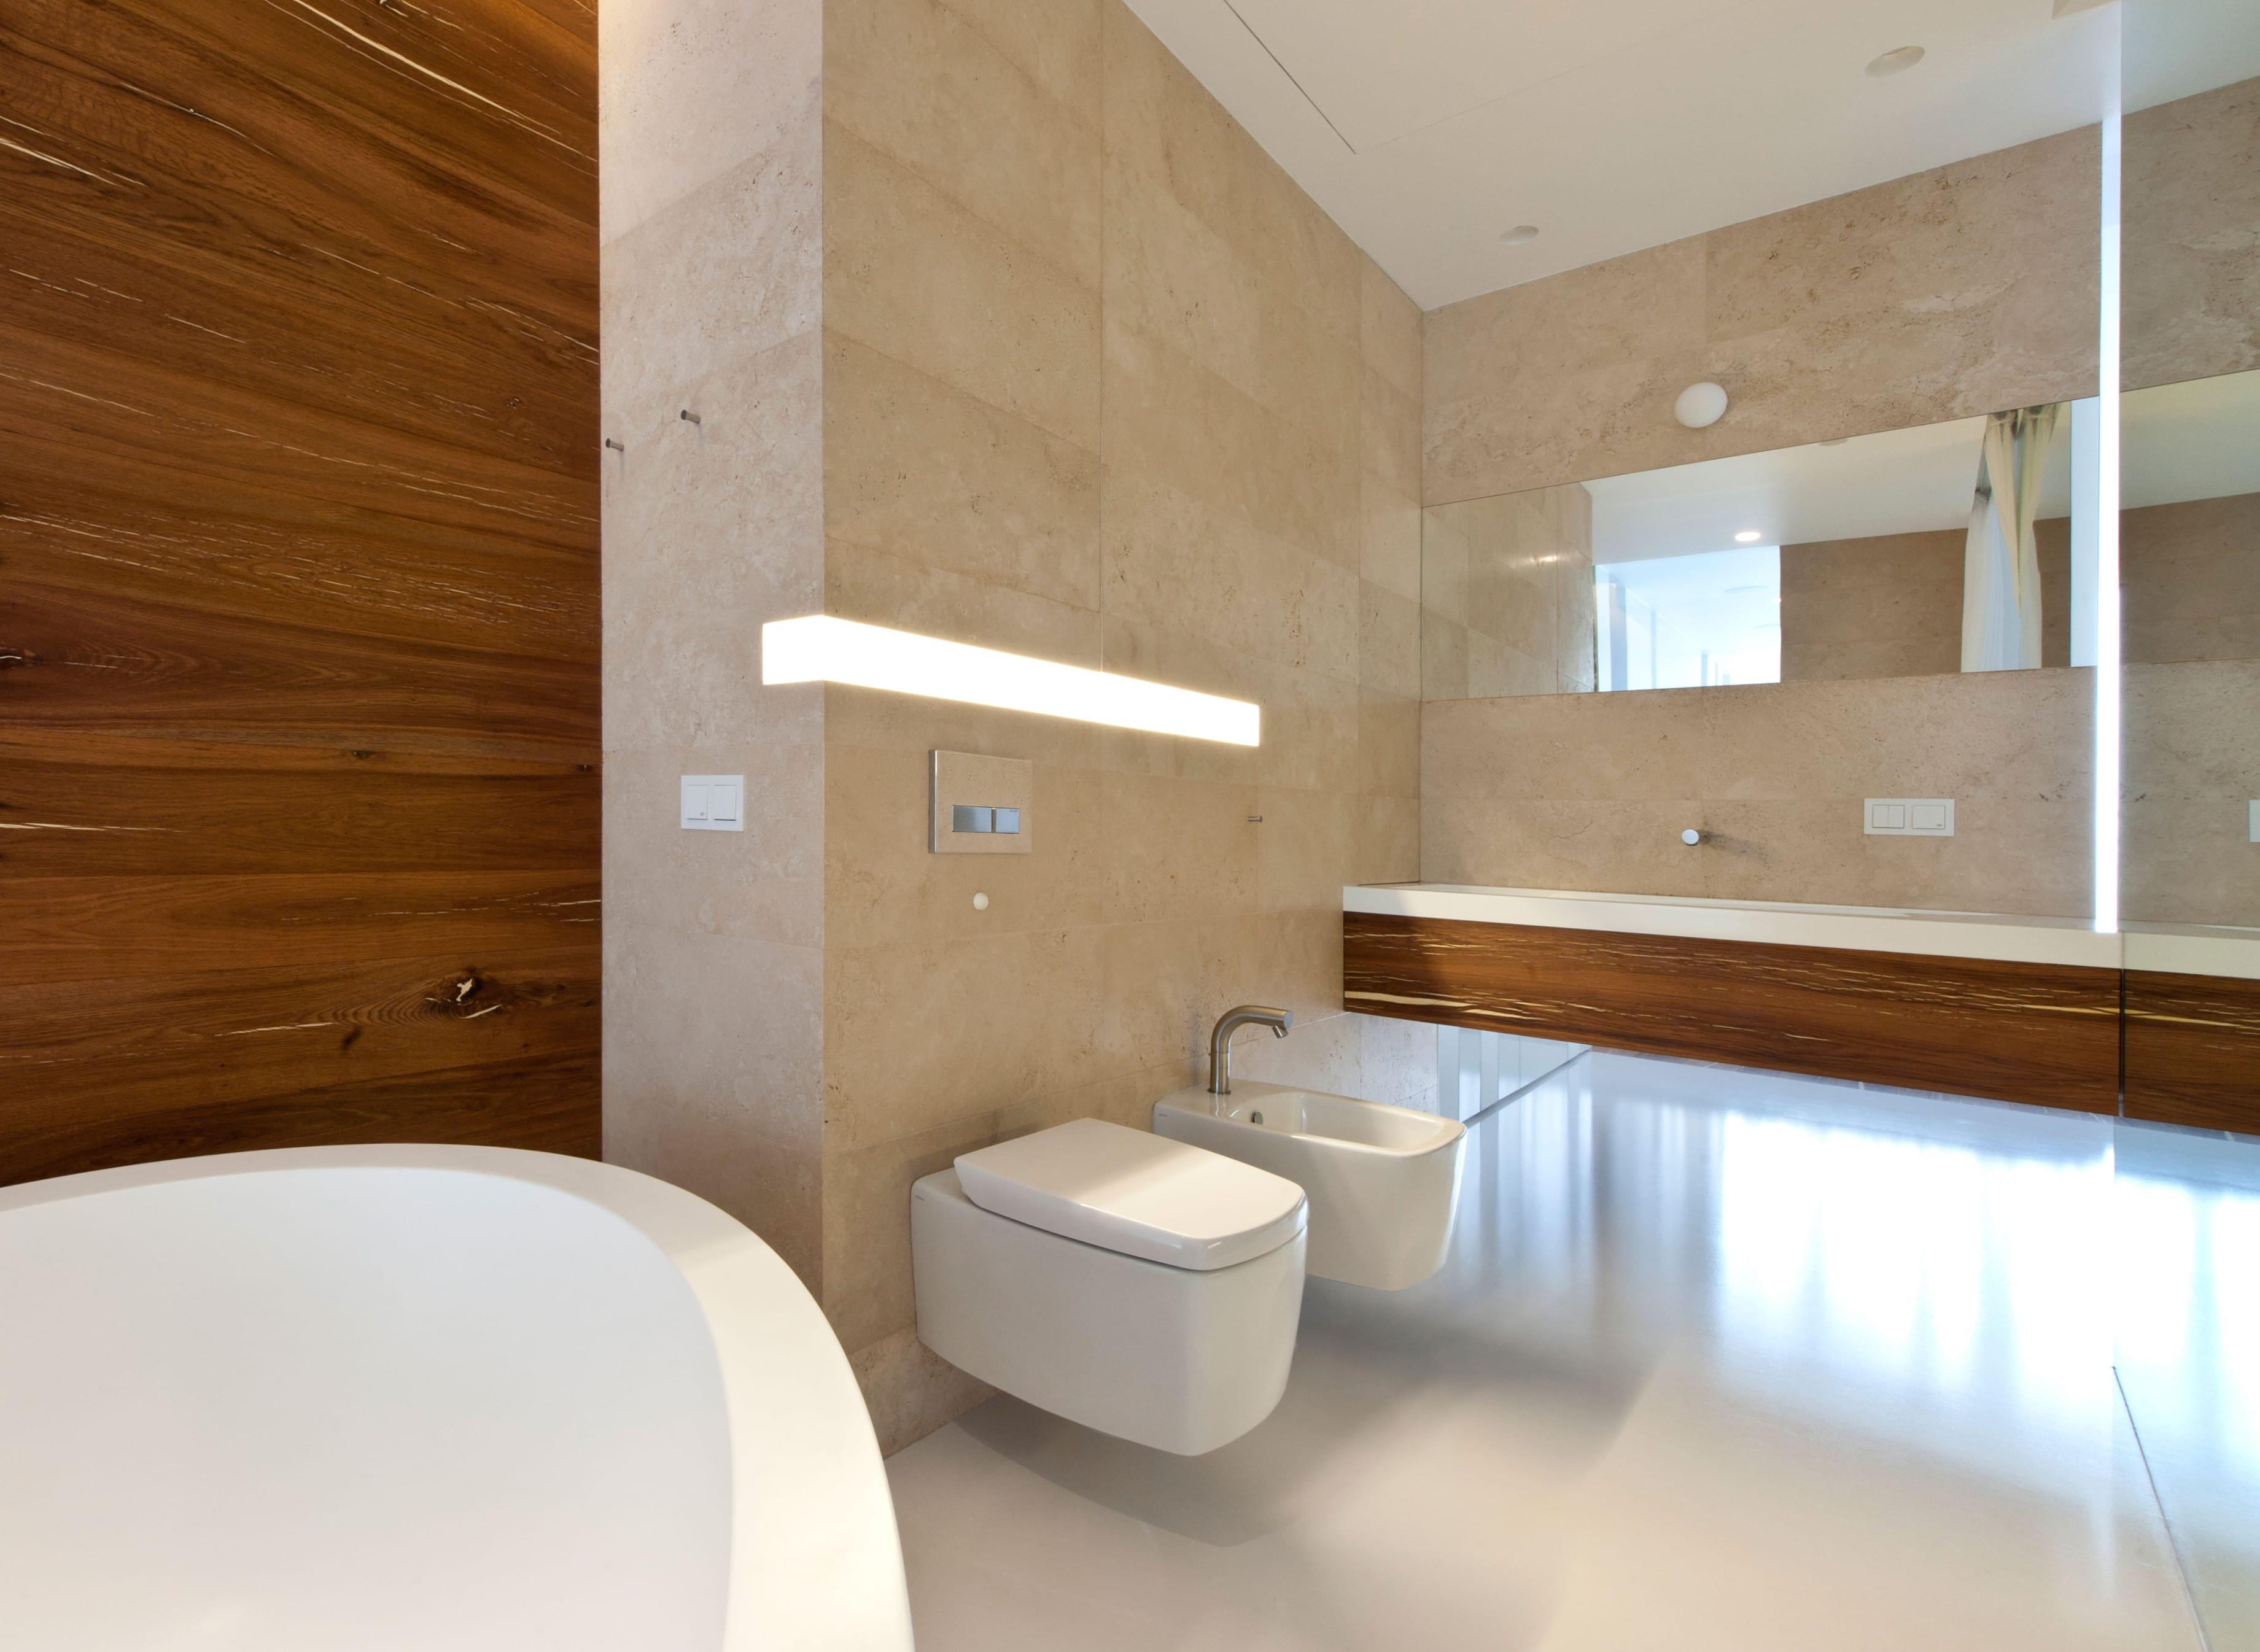 inspiration für moderne badezimmer mit wandhänge-waschtischschrank aus holz und indirekter beleuchtung unter waschtisch und als wandeckleuchte